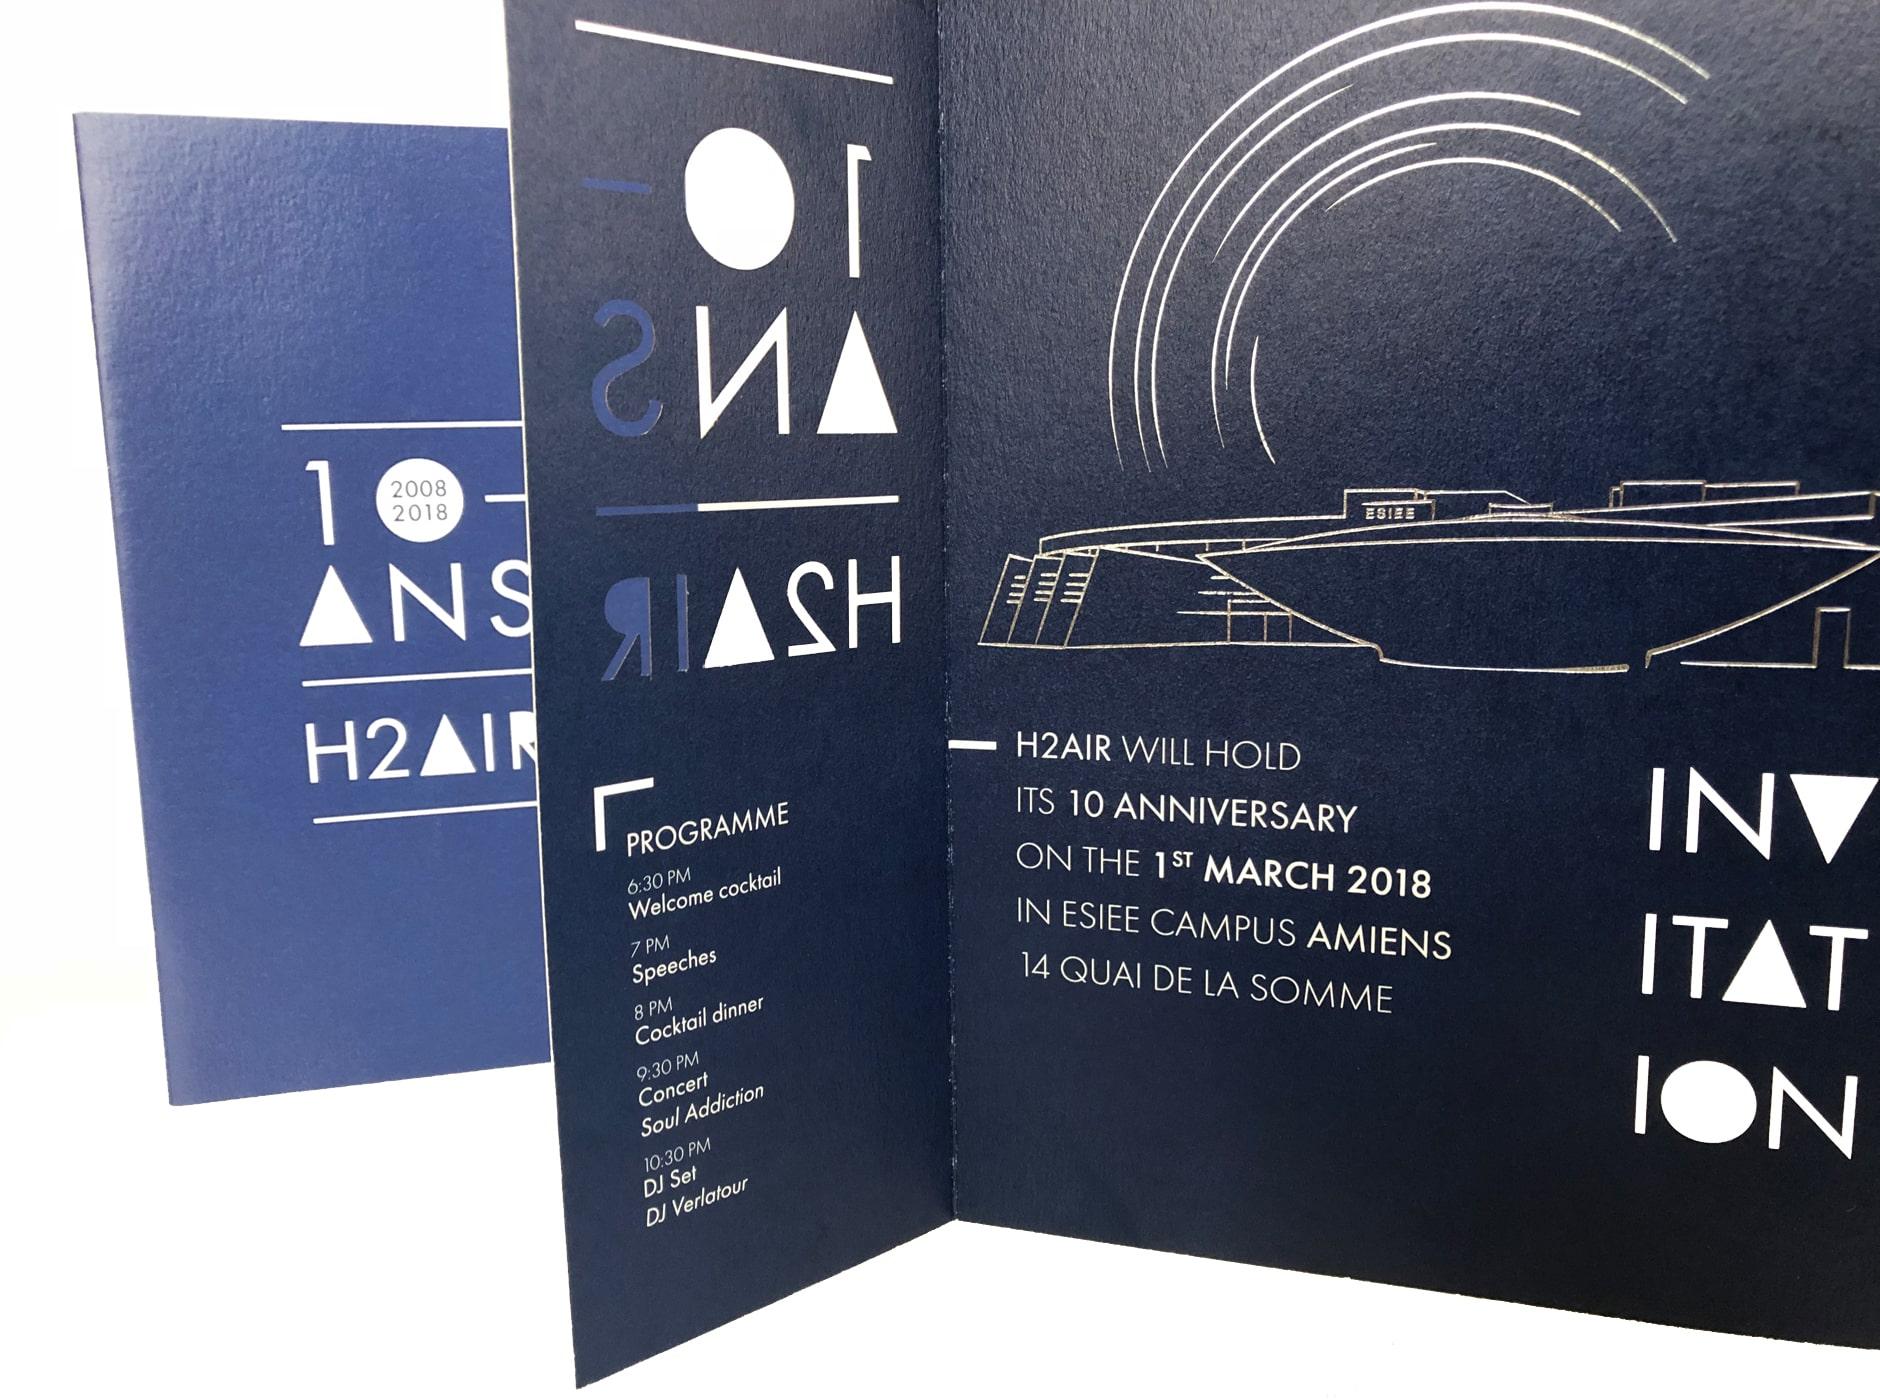 h2air, éolien, solaire, offshore, énergie, Amiens, Hauts de France, environnement, design graphique, communication